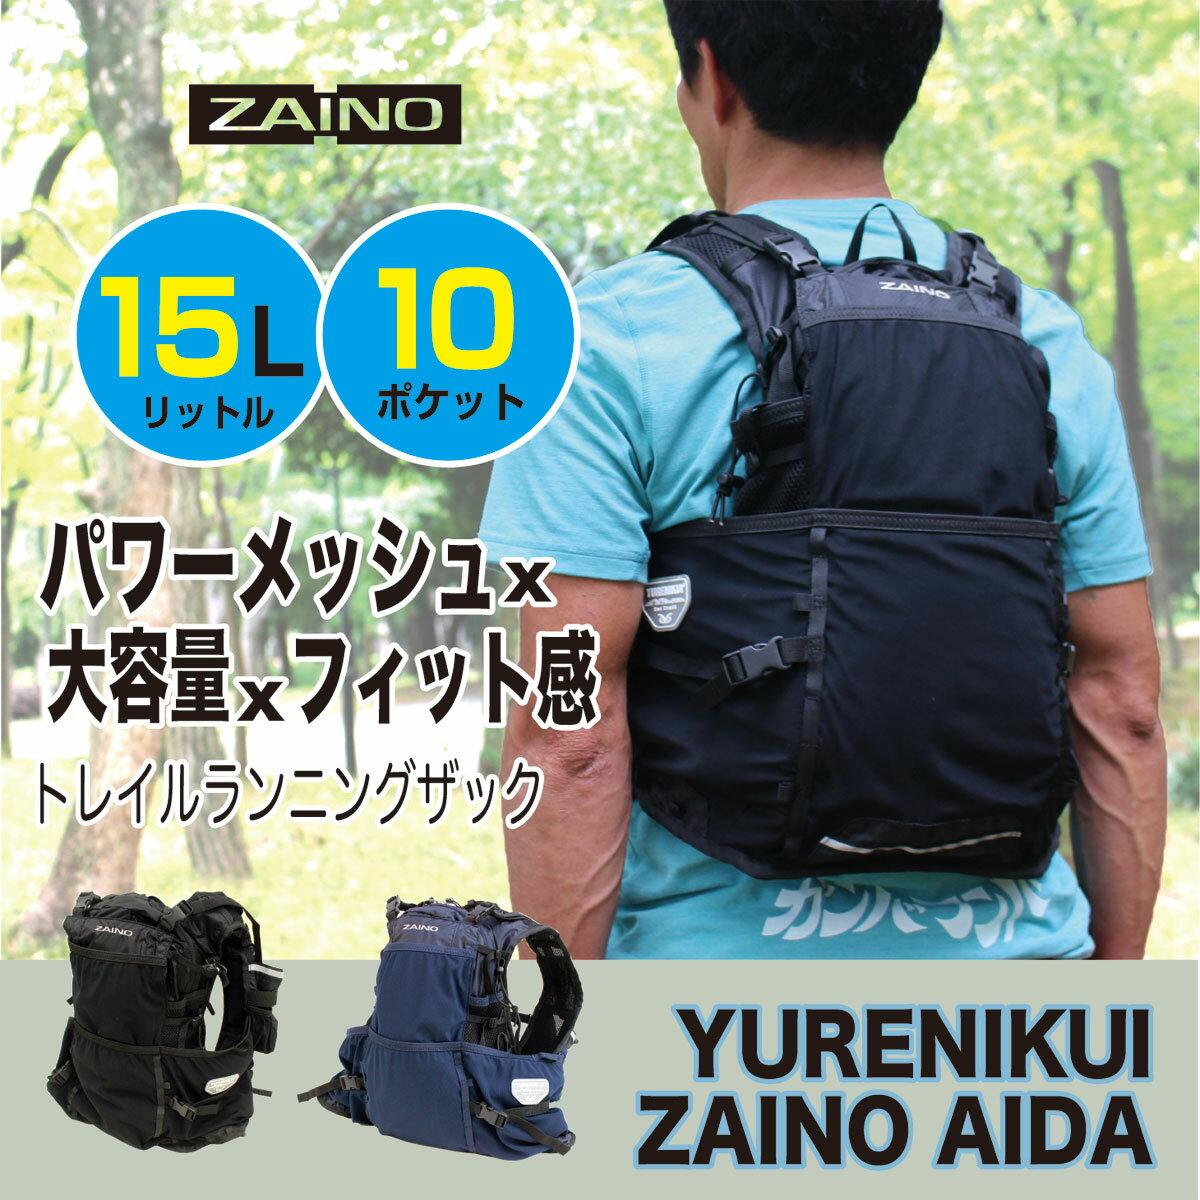 RUNWALKSTYLE YURENIKUI『ZAINO AIDA15+』